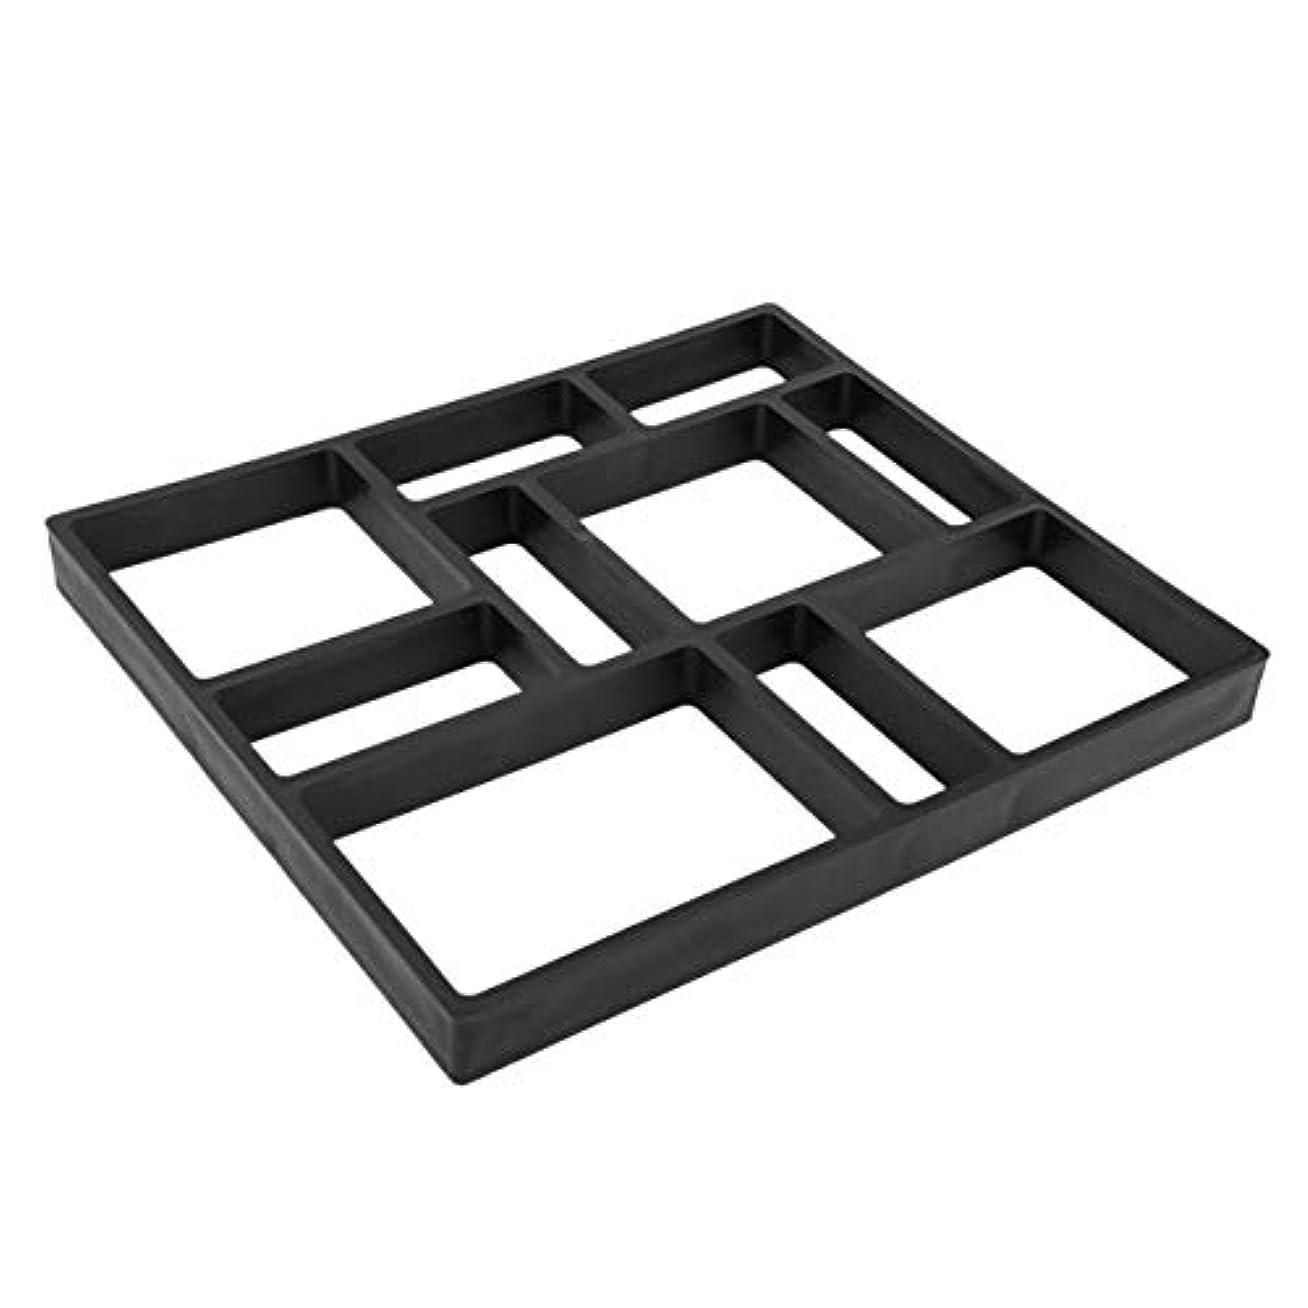 ラダ元の評価可能Saikogoods DIY不規則な/矩形パターンパーソナライズされた舗装のコンクリートレンガ石屋外装飾庭パスのメーカー芝生 黒